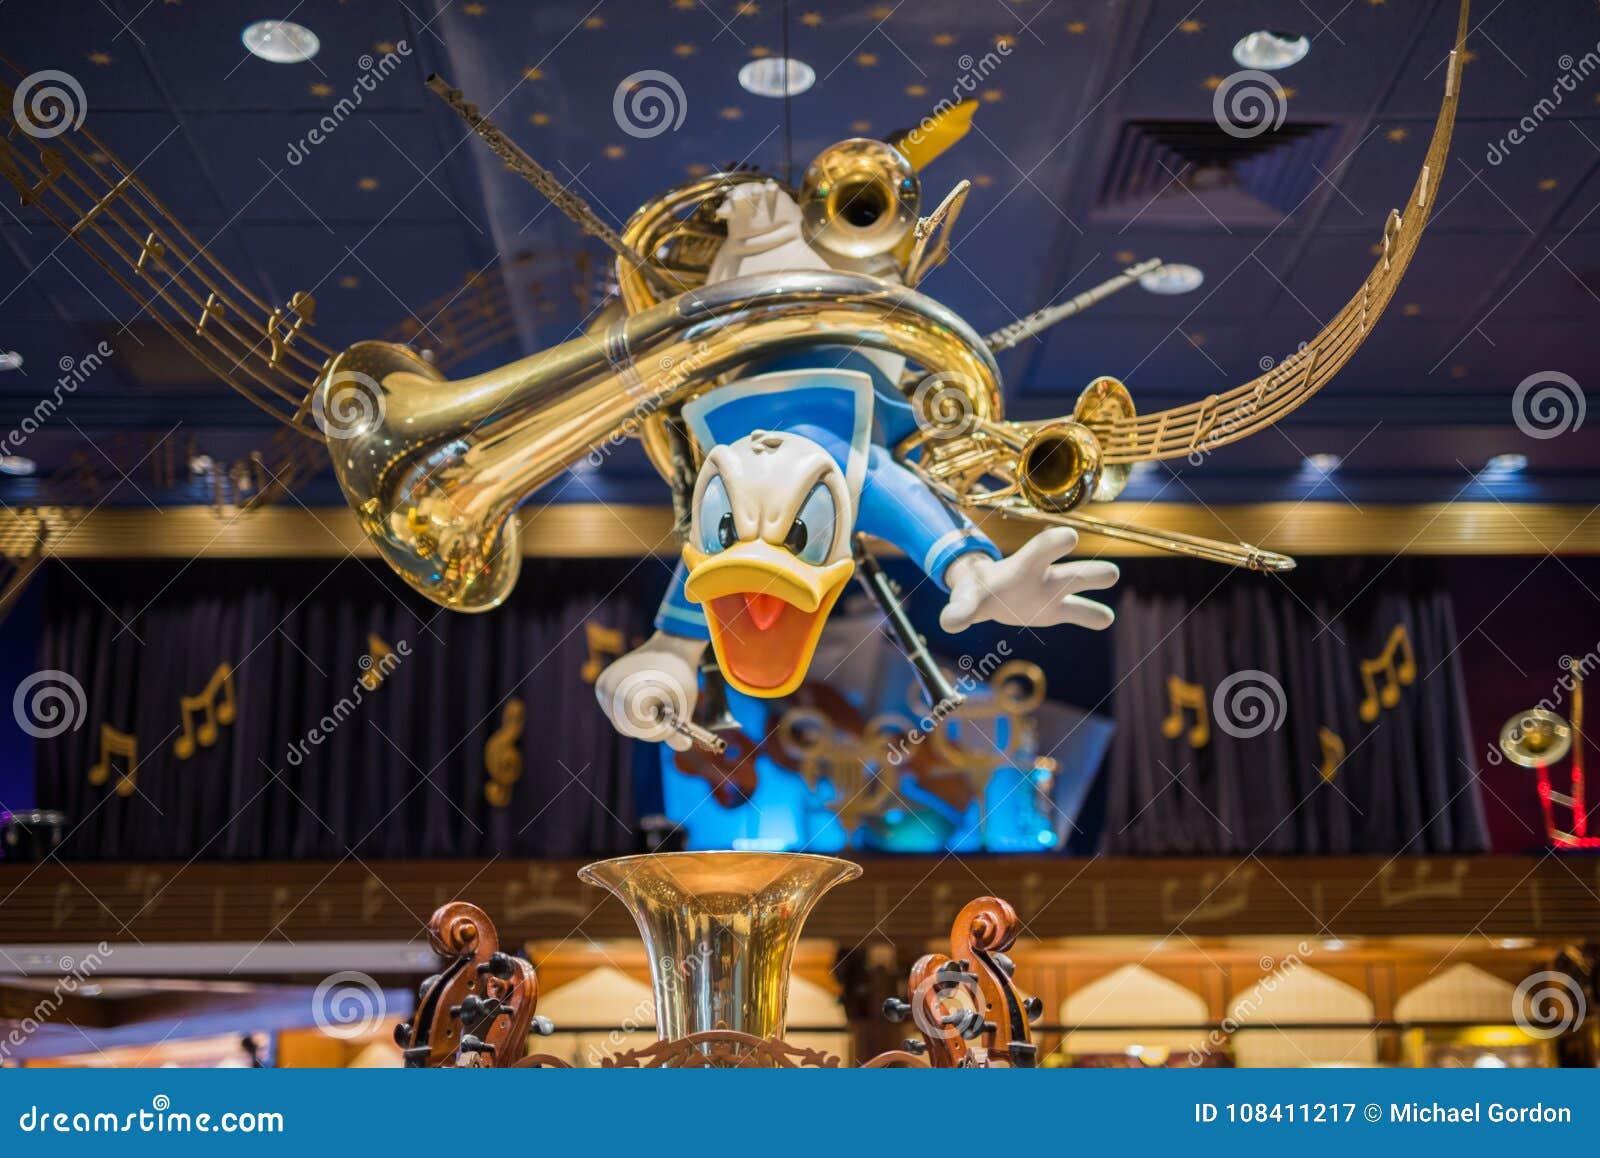 Donald Duck in un deposito di Disney al regno magico, Walt Disney World